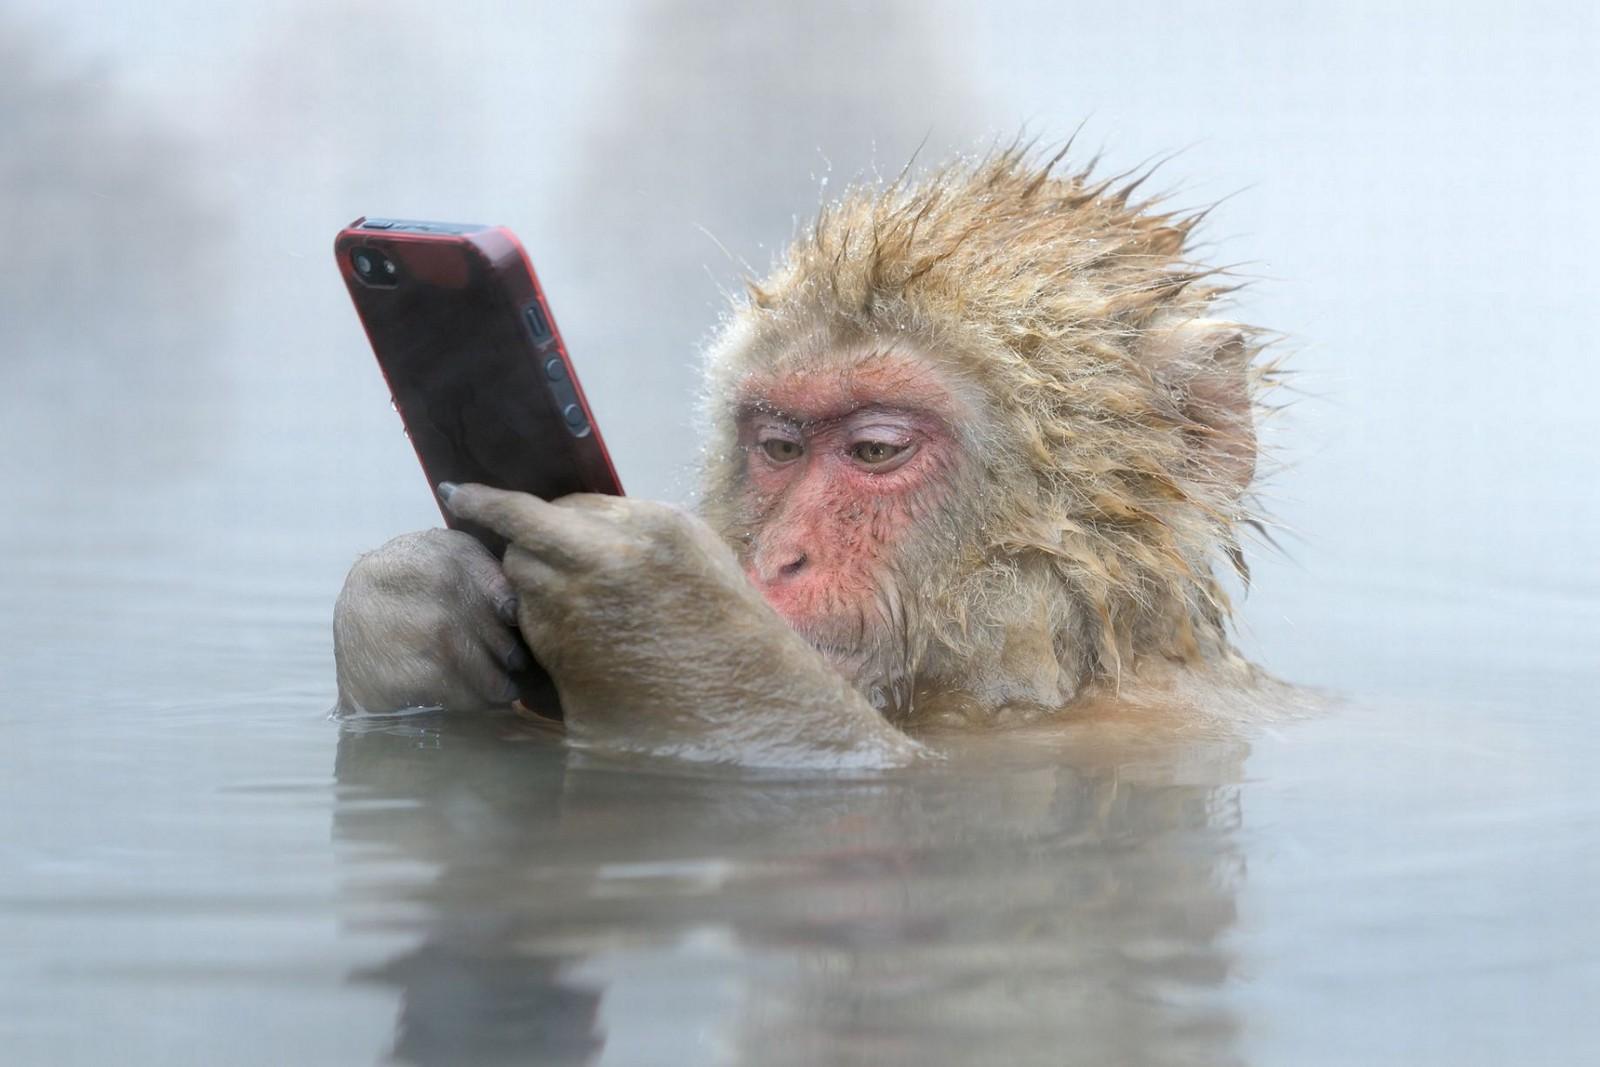 /the-gullible-ape-f3ca85a10afa feature image